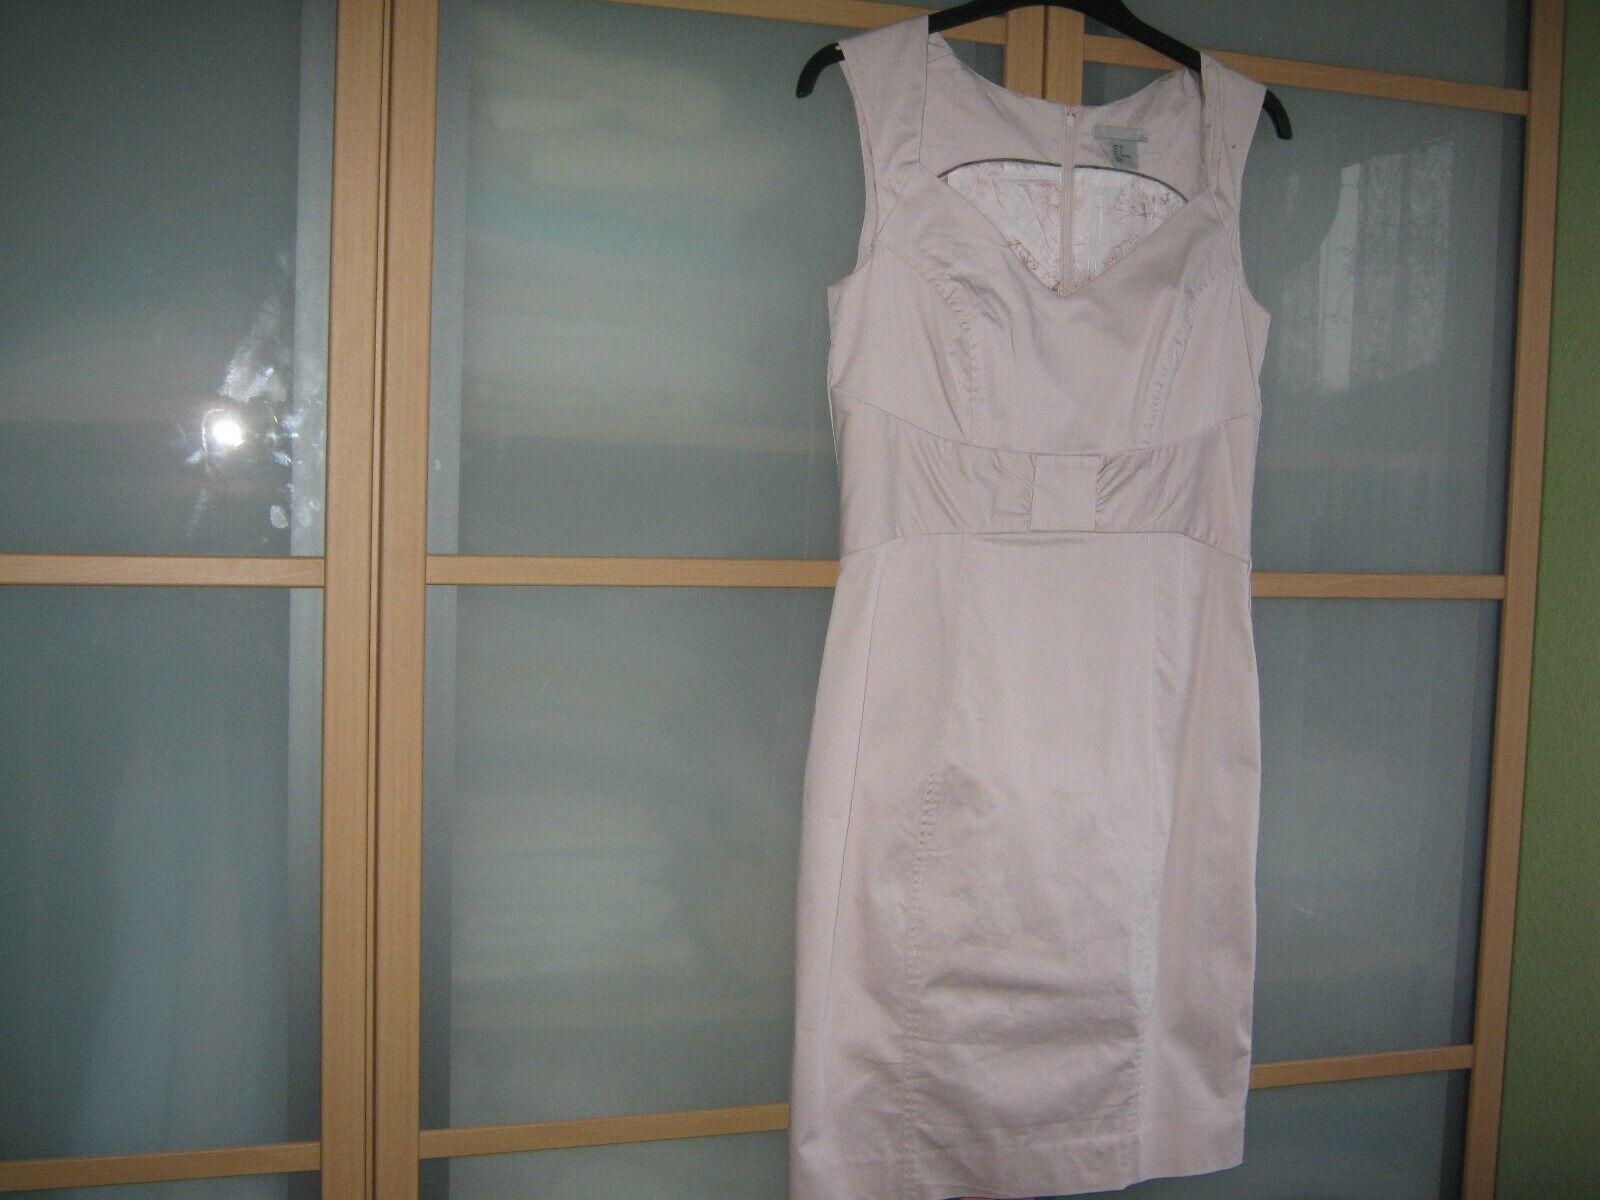 H&M Damen Sommerkleid sportlich mit Futter- beige/rosa hell Ton -TOP! - Gr. 38